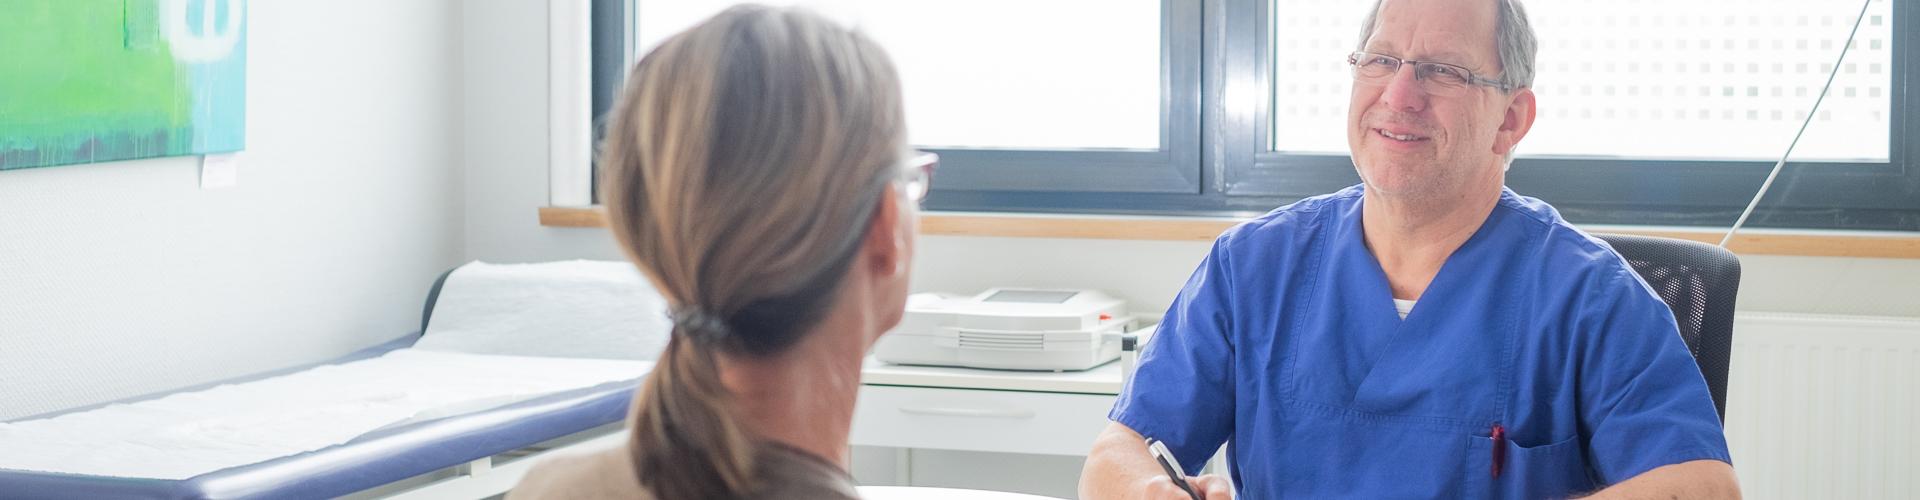 Arzt führt Gespräch mit Patientin